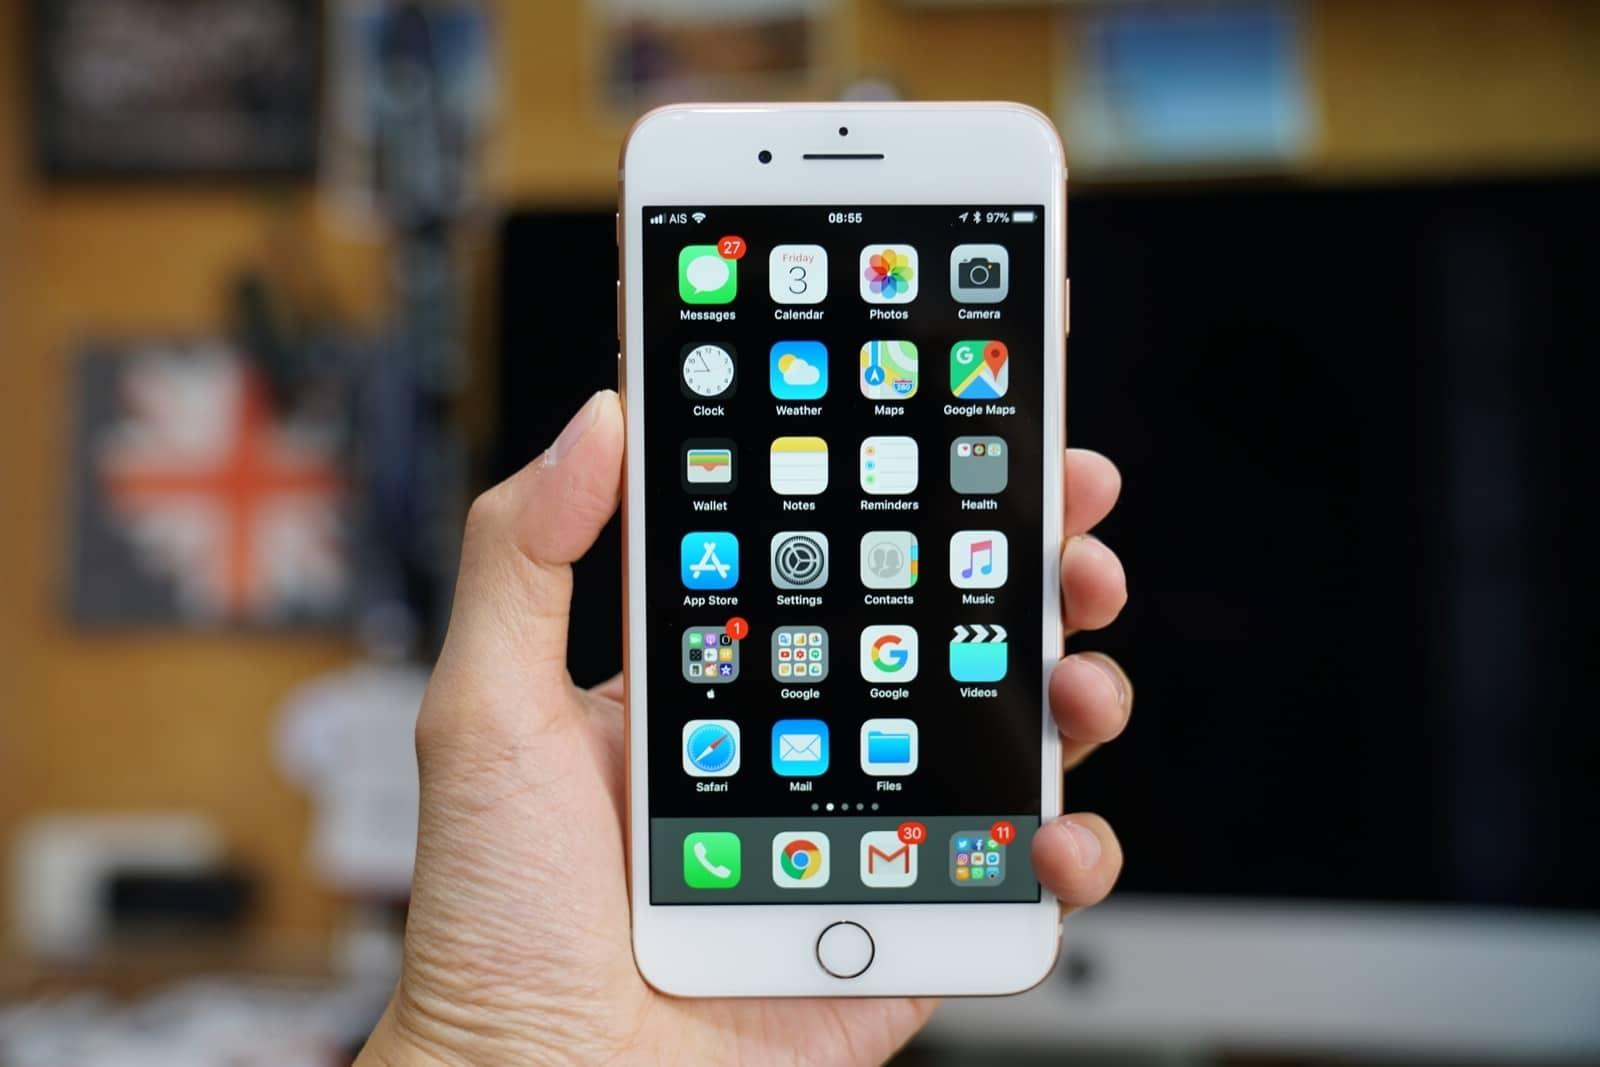 iPhone 8 (ไอโฟน) ชาร์จแล้วทัชสกรีน หน้าจอรวน ทำไงดี